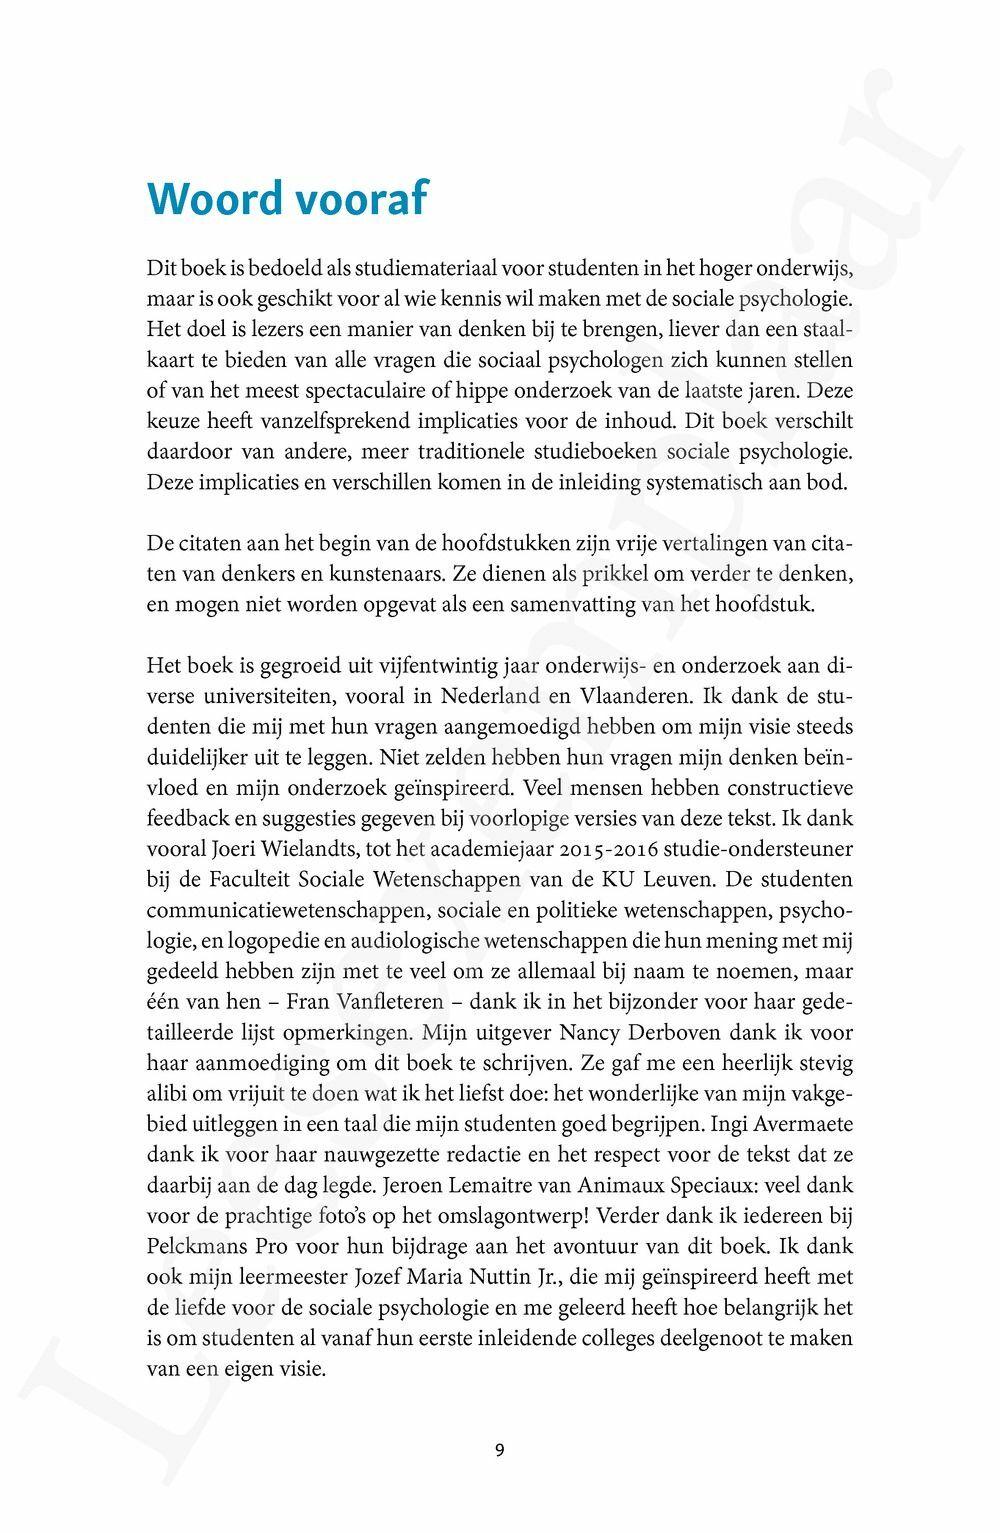 Preview: Macht, meningen en na-apers